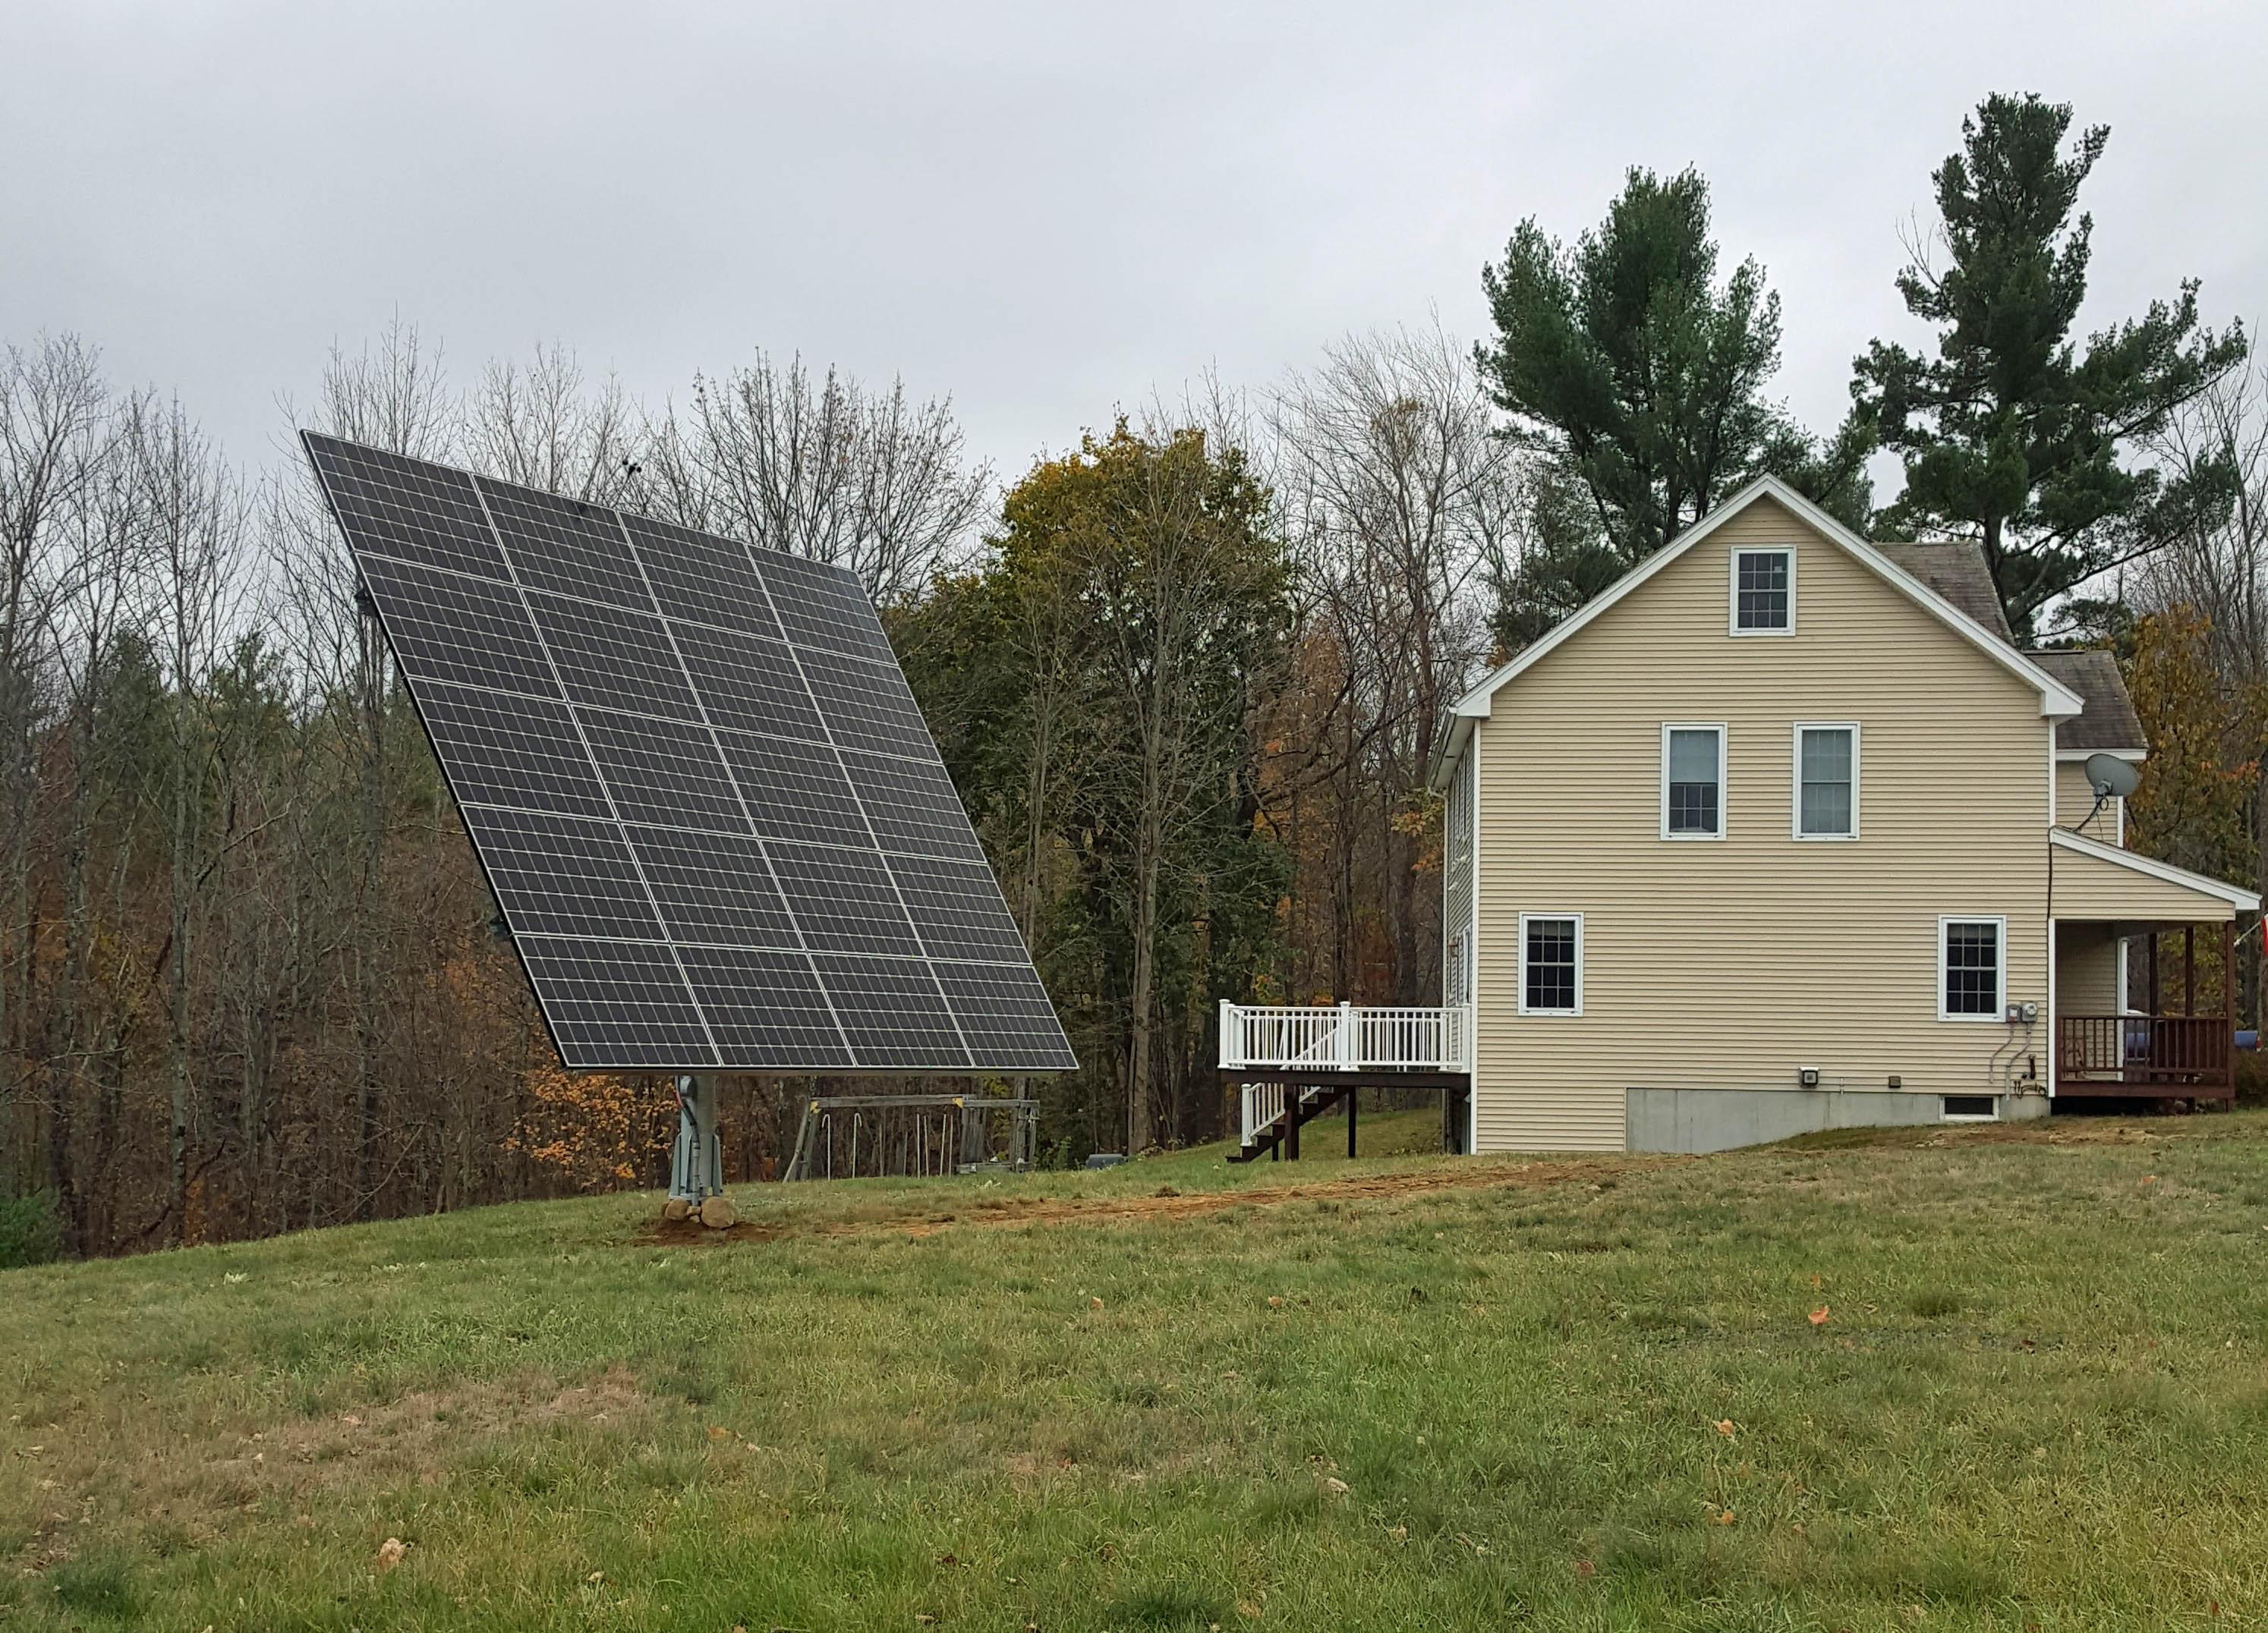 Green Mountain Solar - A Vermont Solar Energy Company